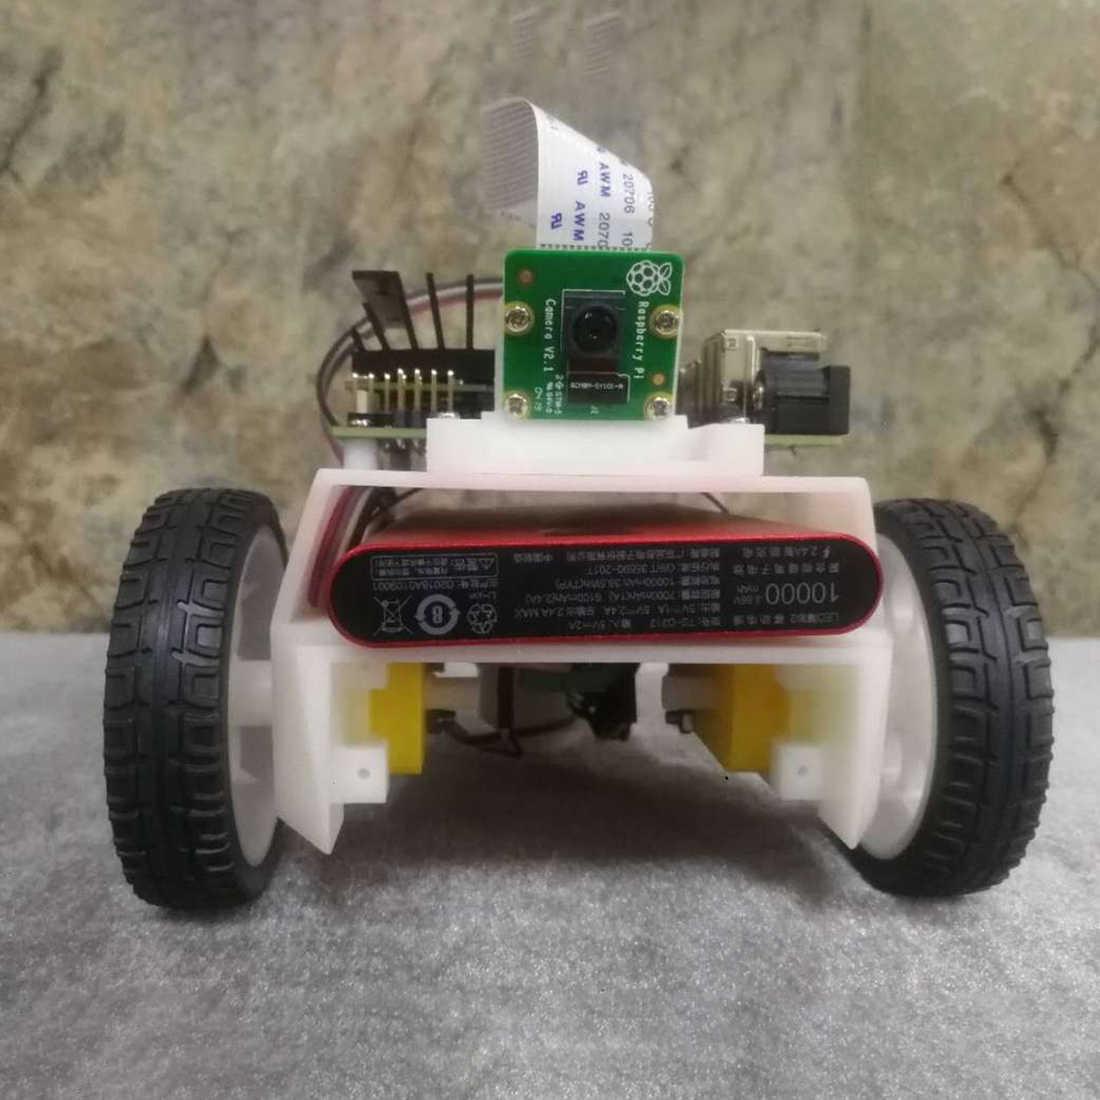 Супер качество программируемый автоматический привод робот автомобильный комплект обучающий комплект